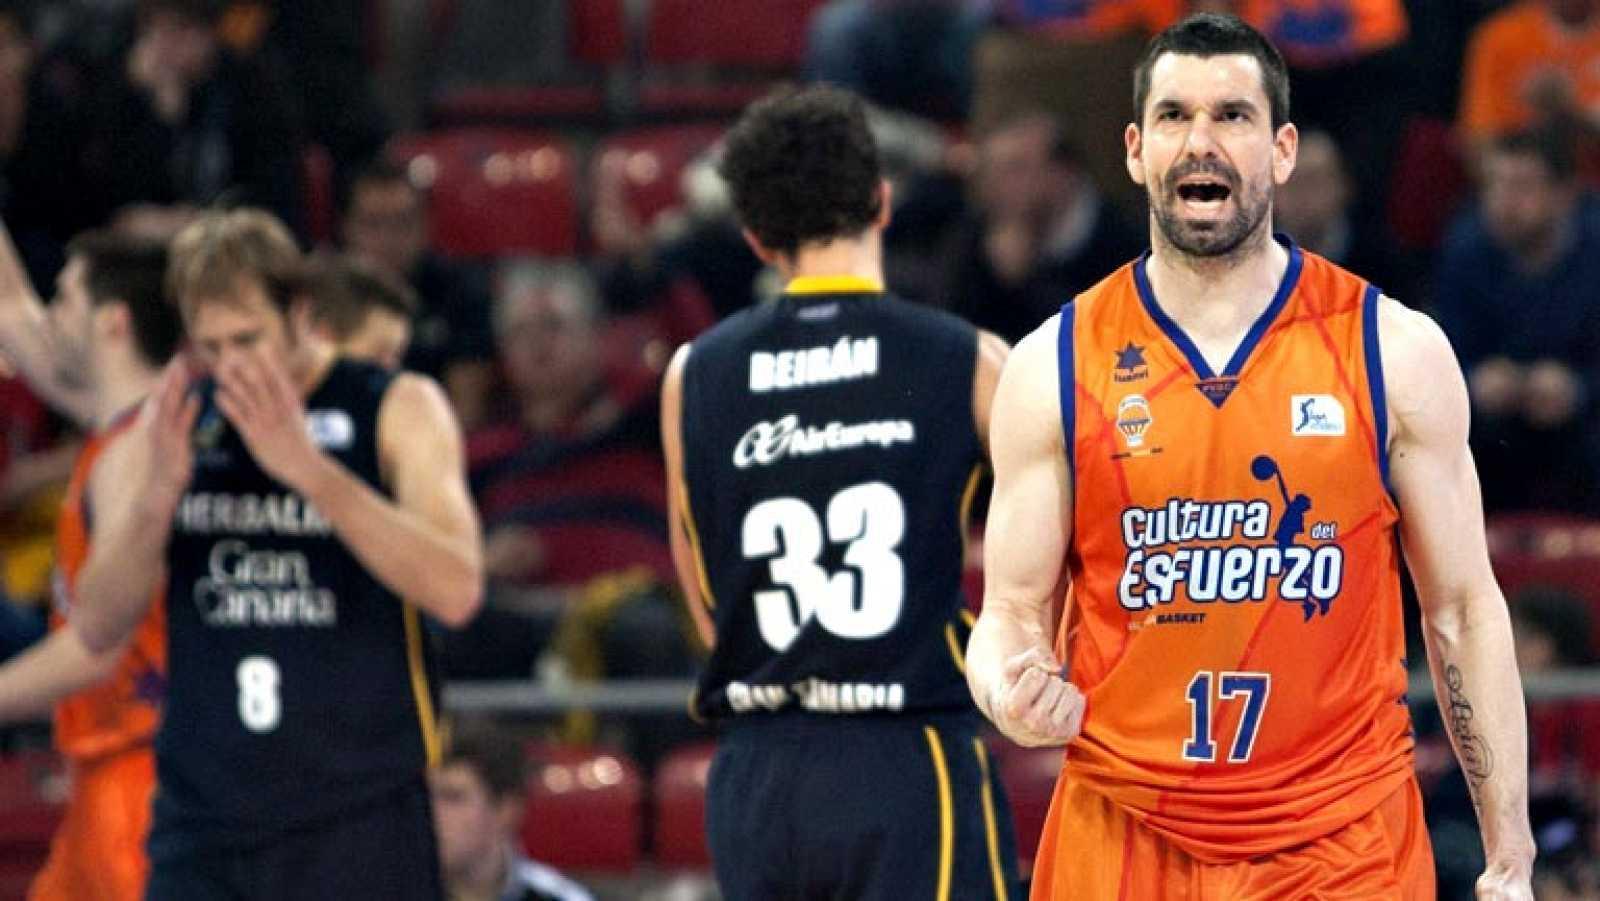 El Valencia Basket ha conseguido clasificarse para la final de la Copa del Rey de baloncesto, que se está celebrando en Vitoria, tras doblegar al Herbalife Gran Canaria (83-72), y se medirá al FC Barcelona Regal en la cuarta final de su historia.